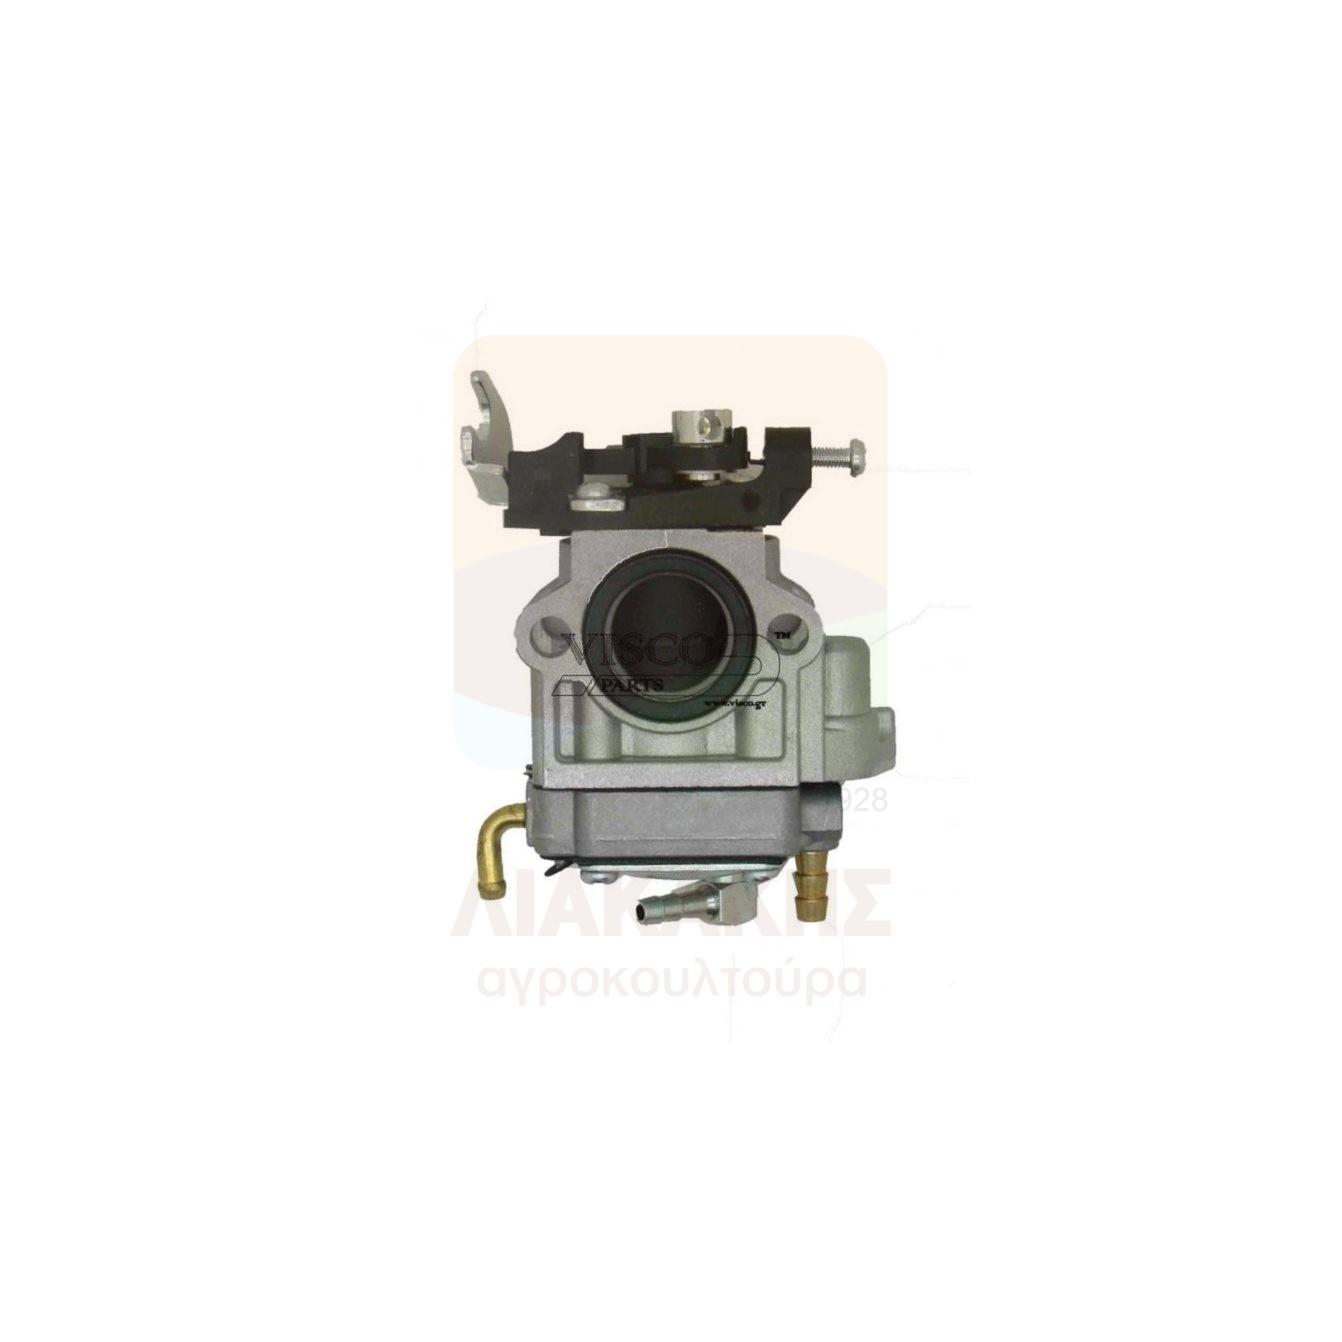 ΚΑΡ-154 Καρμπυρατέρ ECHO SRM-5000 ORIGINAL